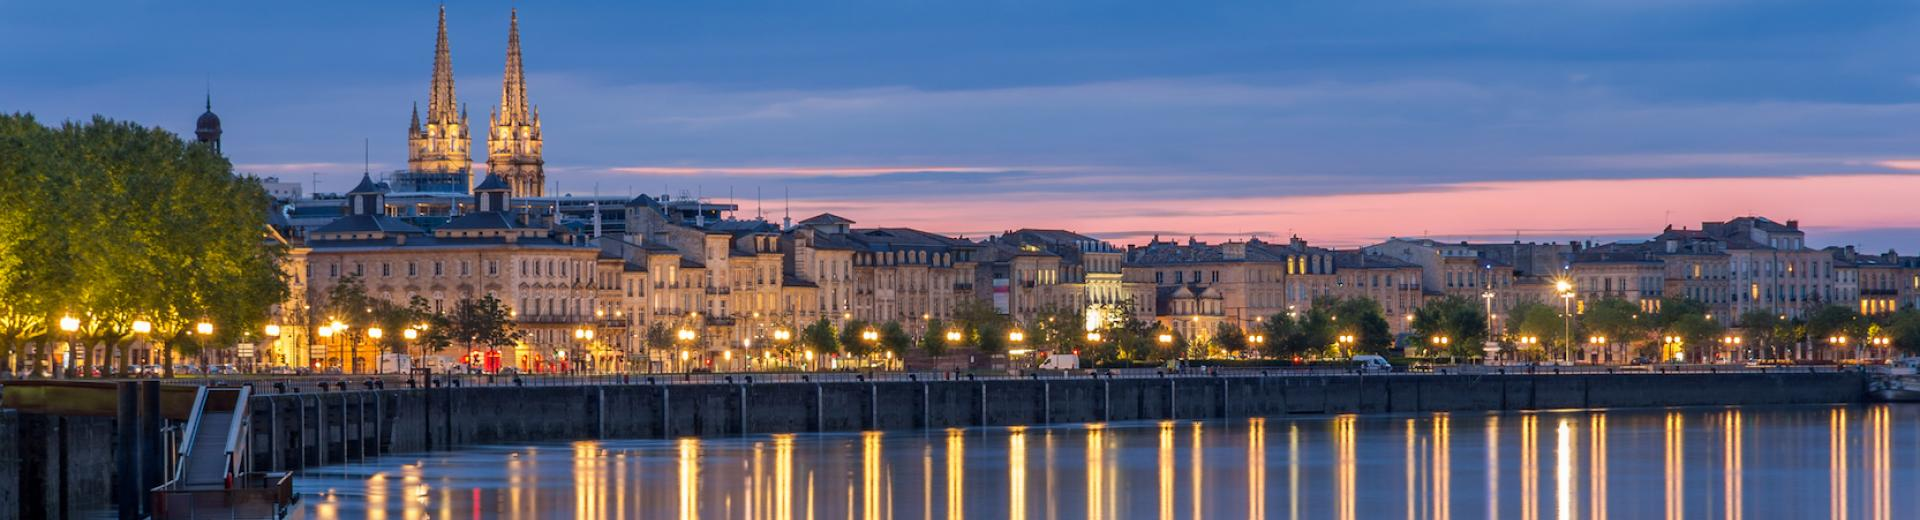 Bordeaux and Garonne River